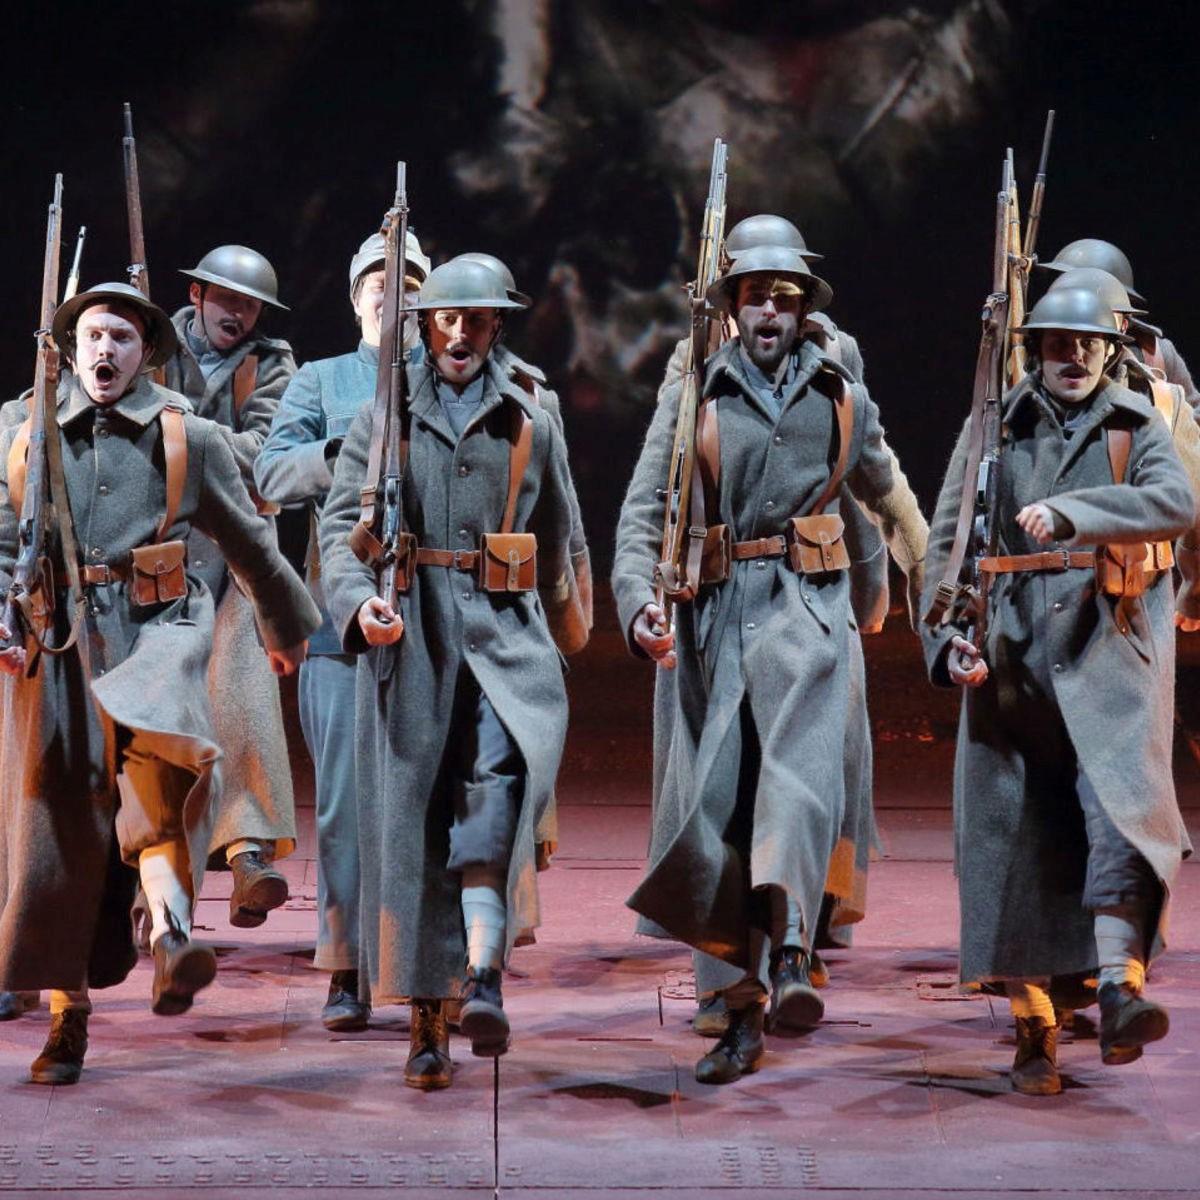 Спектакль «Швейк. Возвращение» в Александринском театре со скидкой 50%